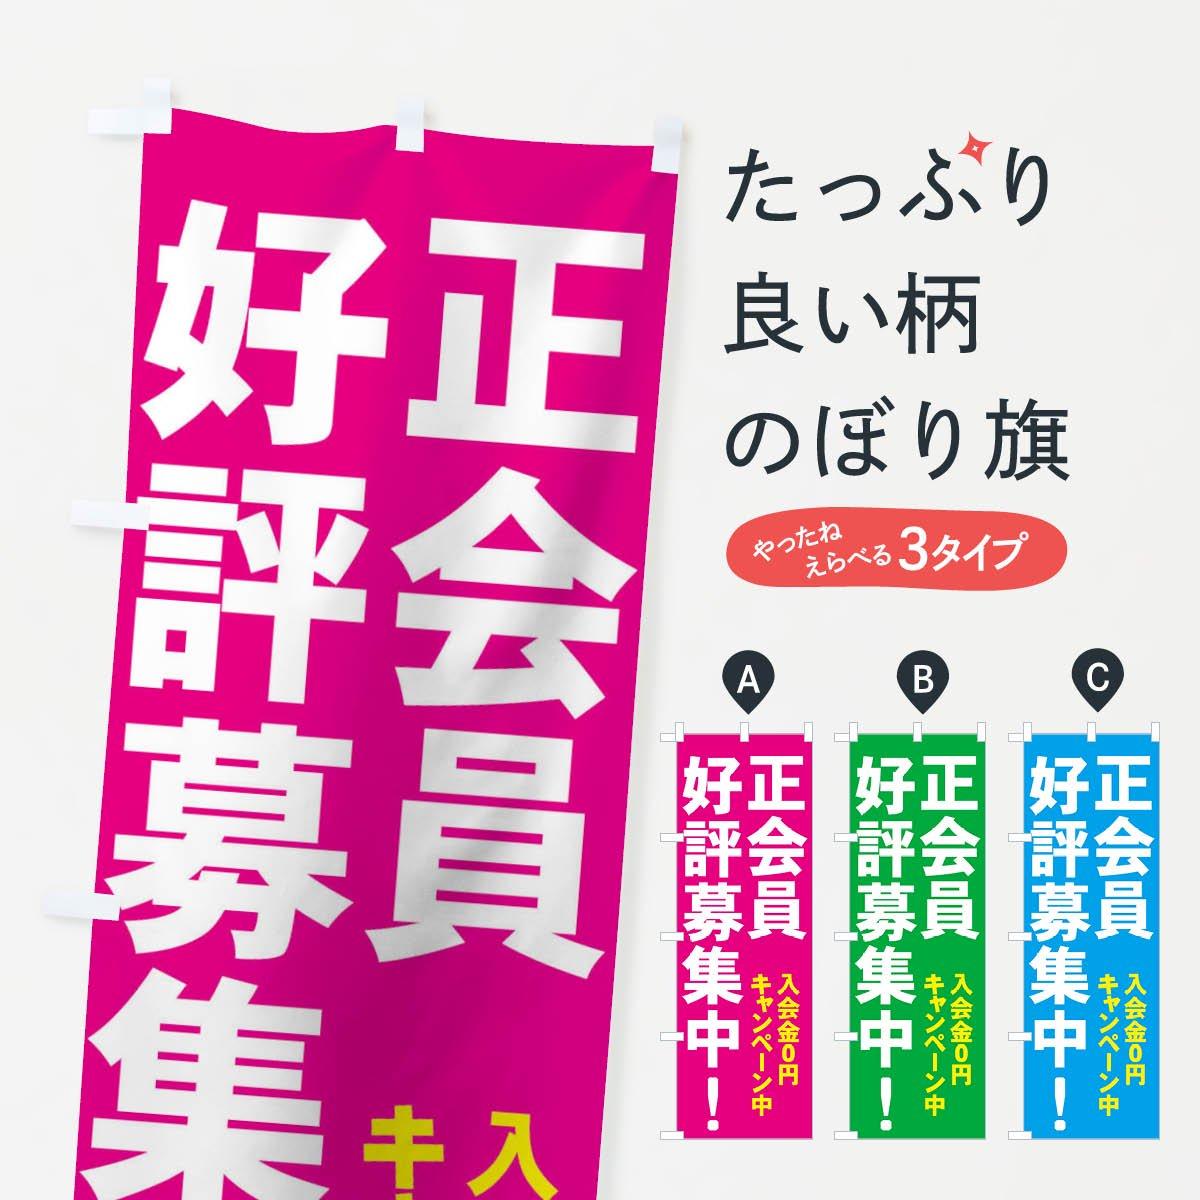 正会員好評募集中のぼり旗 入会金0円 キャンペーン中